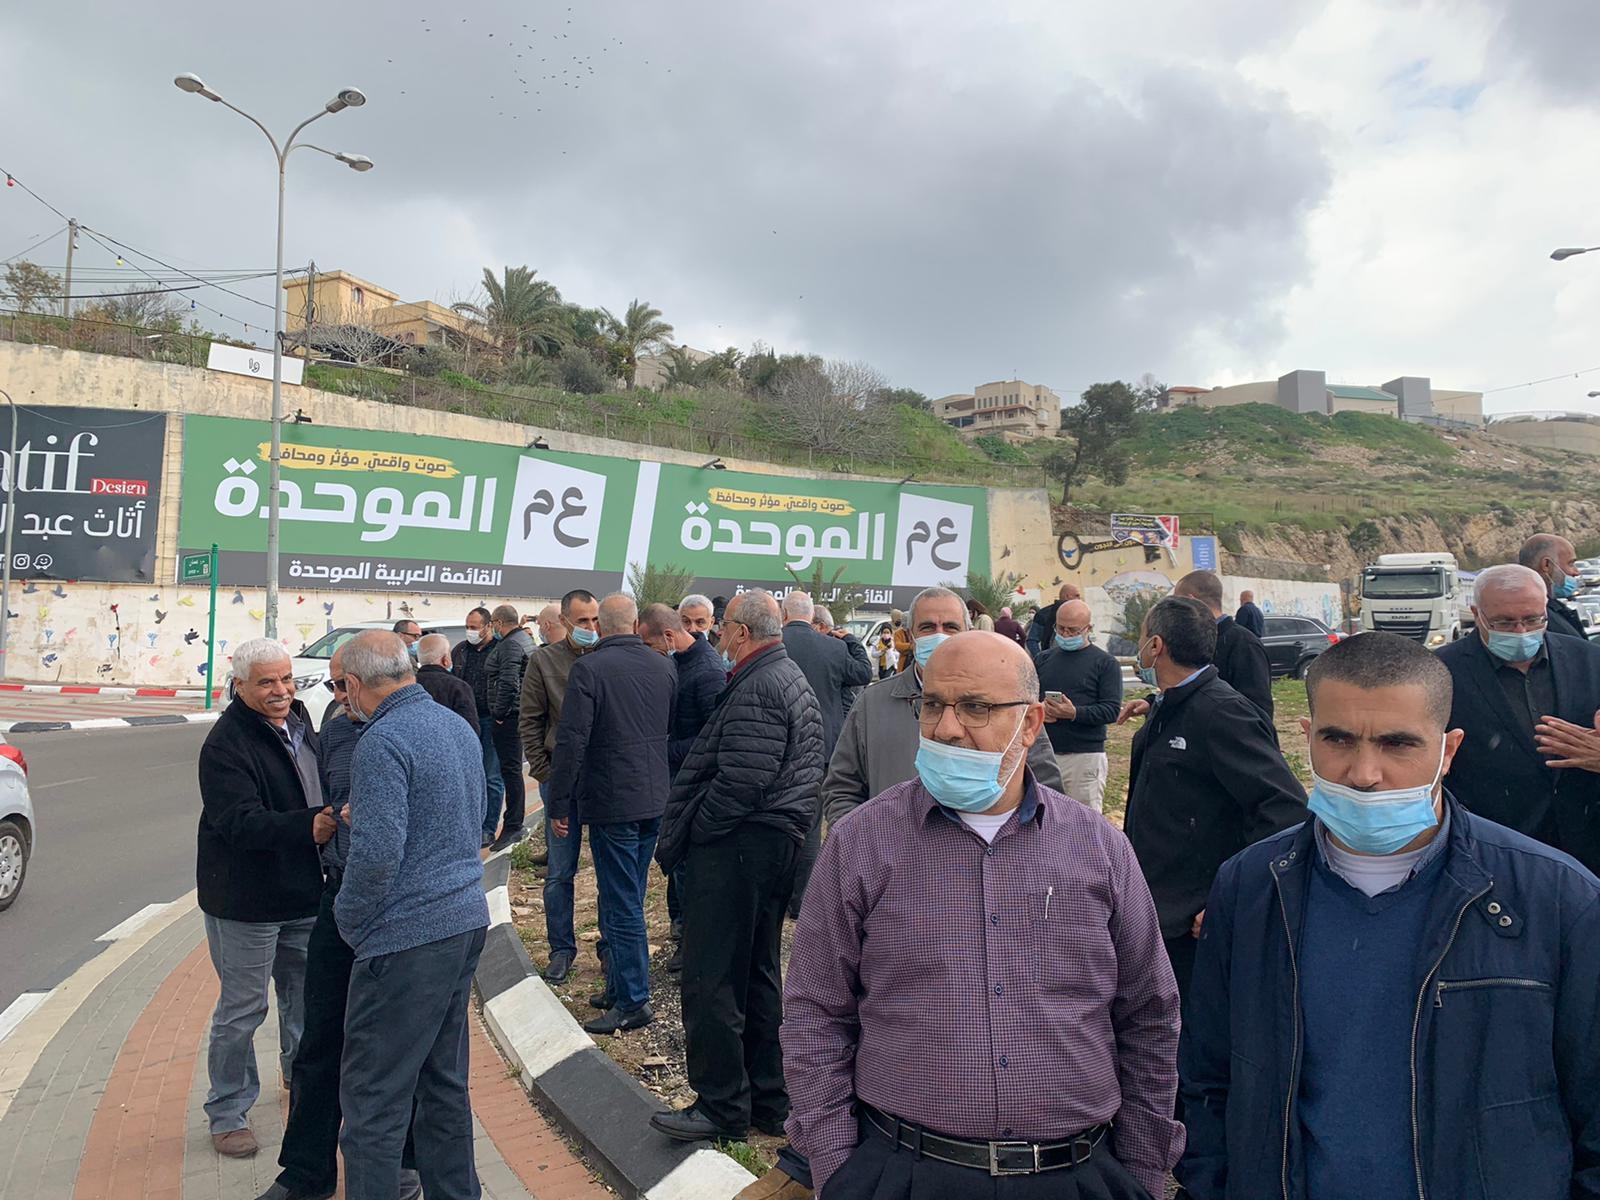 وقفة احتجاجية لمستخدمي بلدية أم الفحم ضد الهجمة البوليسية